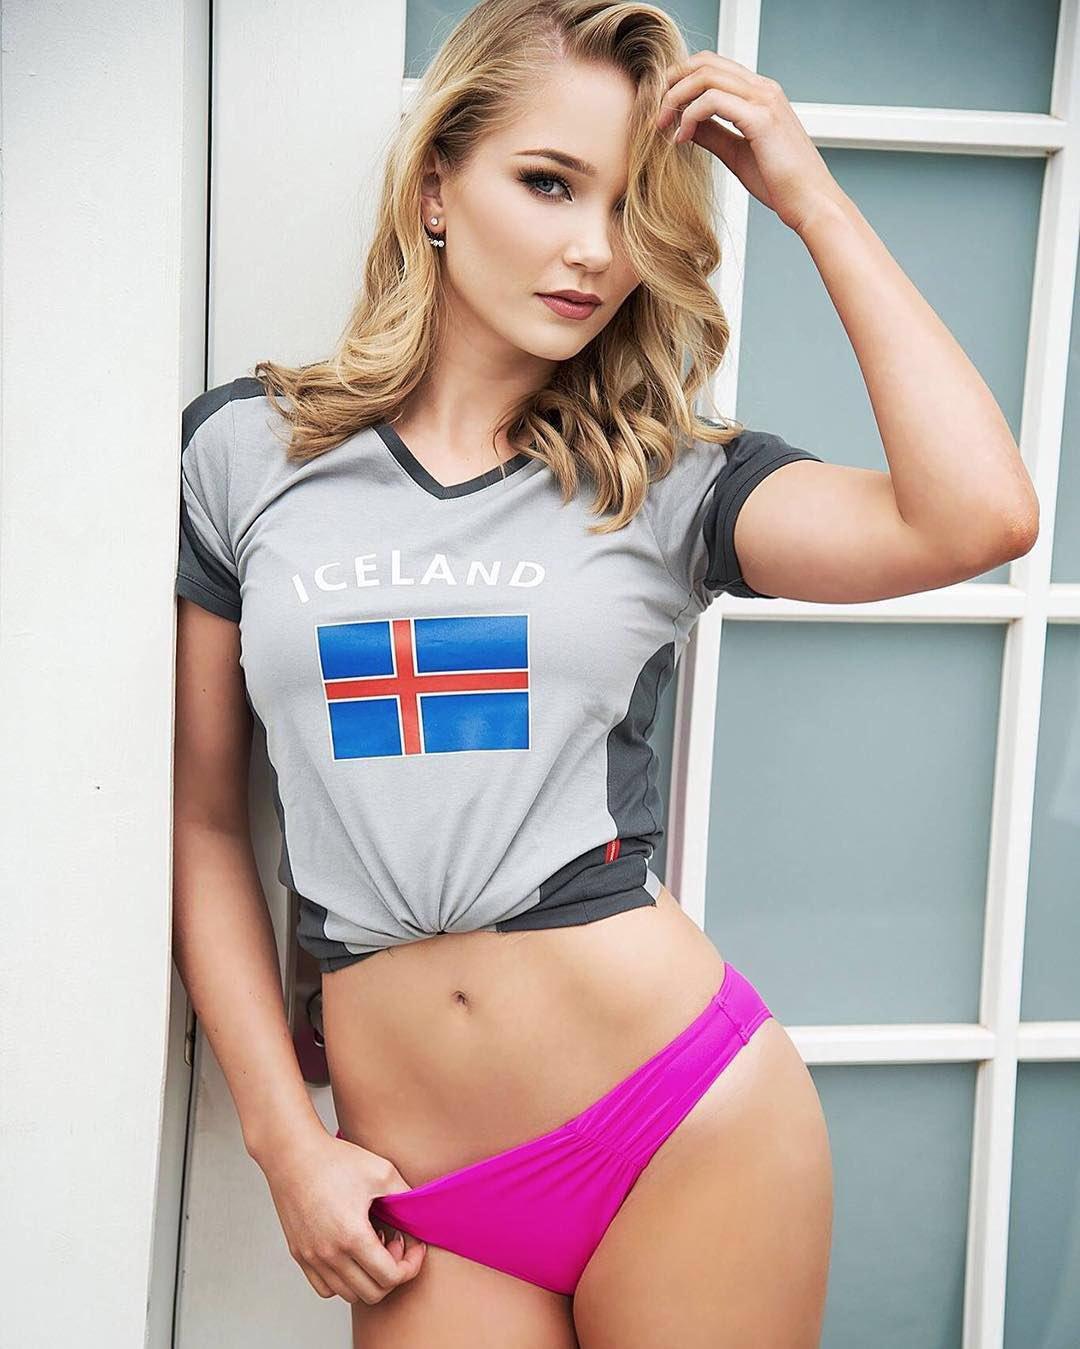 U$S5.000 al mes por casarse con Islandesas